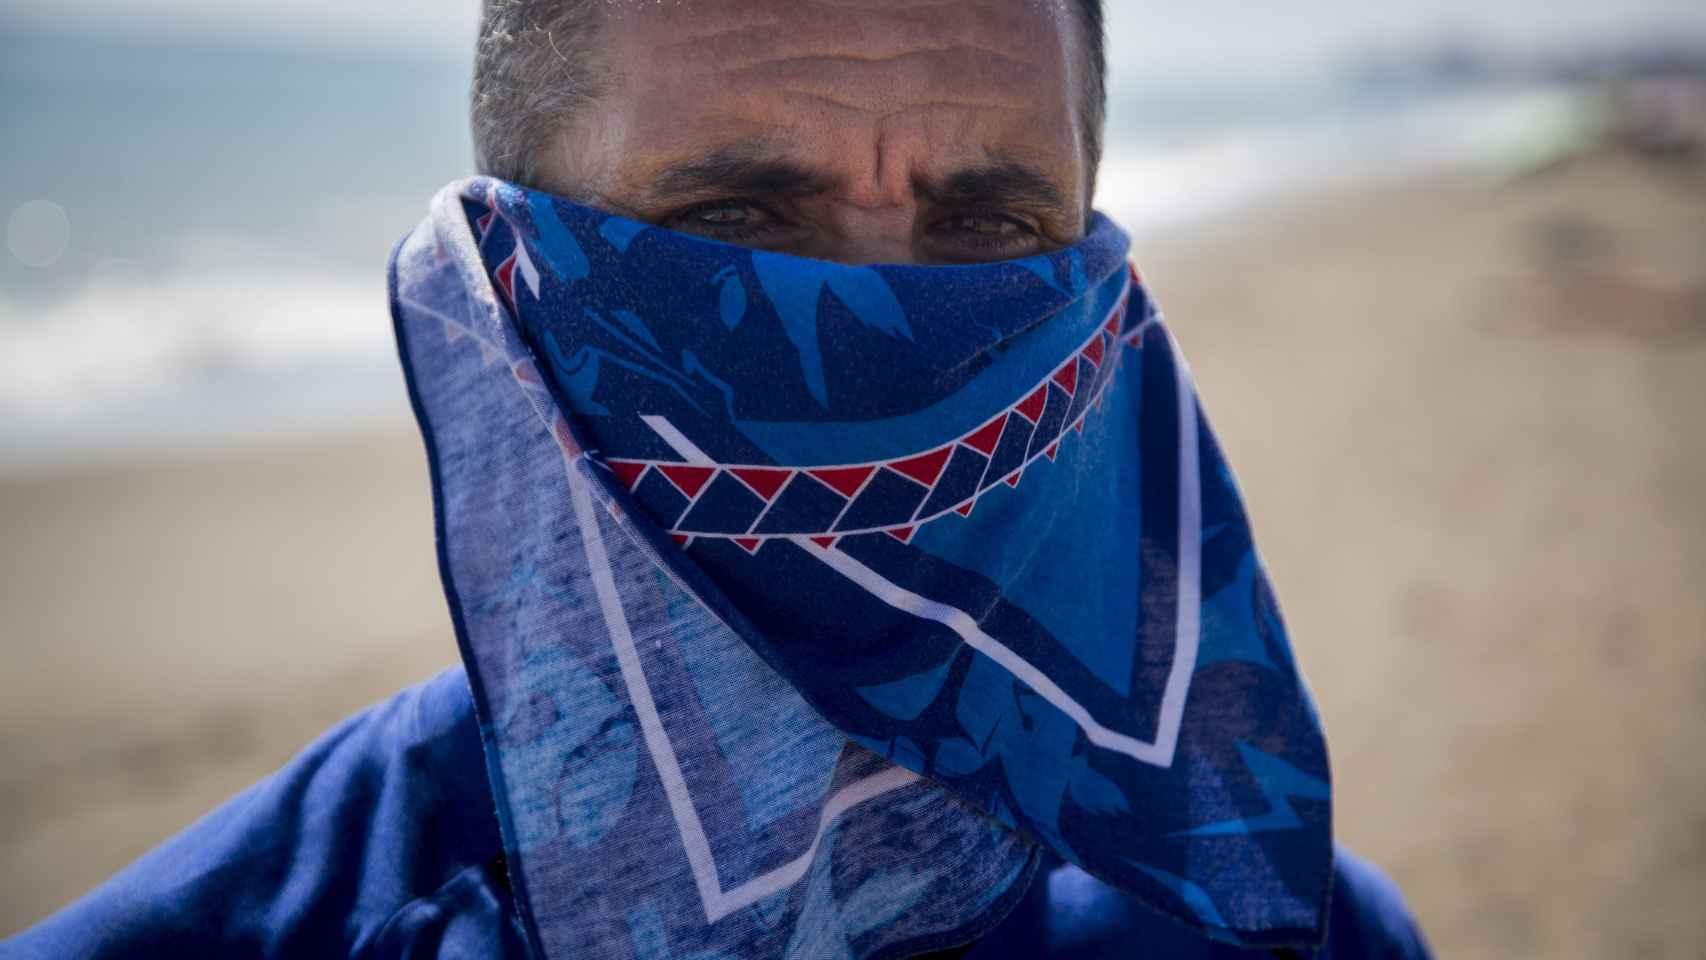 Uno de los testigos que participaron en el juicio al teniente Valentín Fernández. La imagen está tomada en la playa de Guadalmar, donde se desarrolló la operación Sabina.